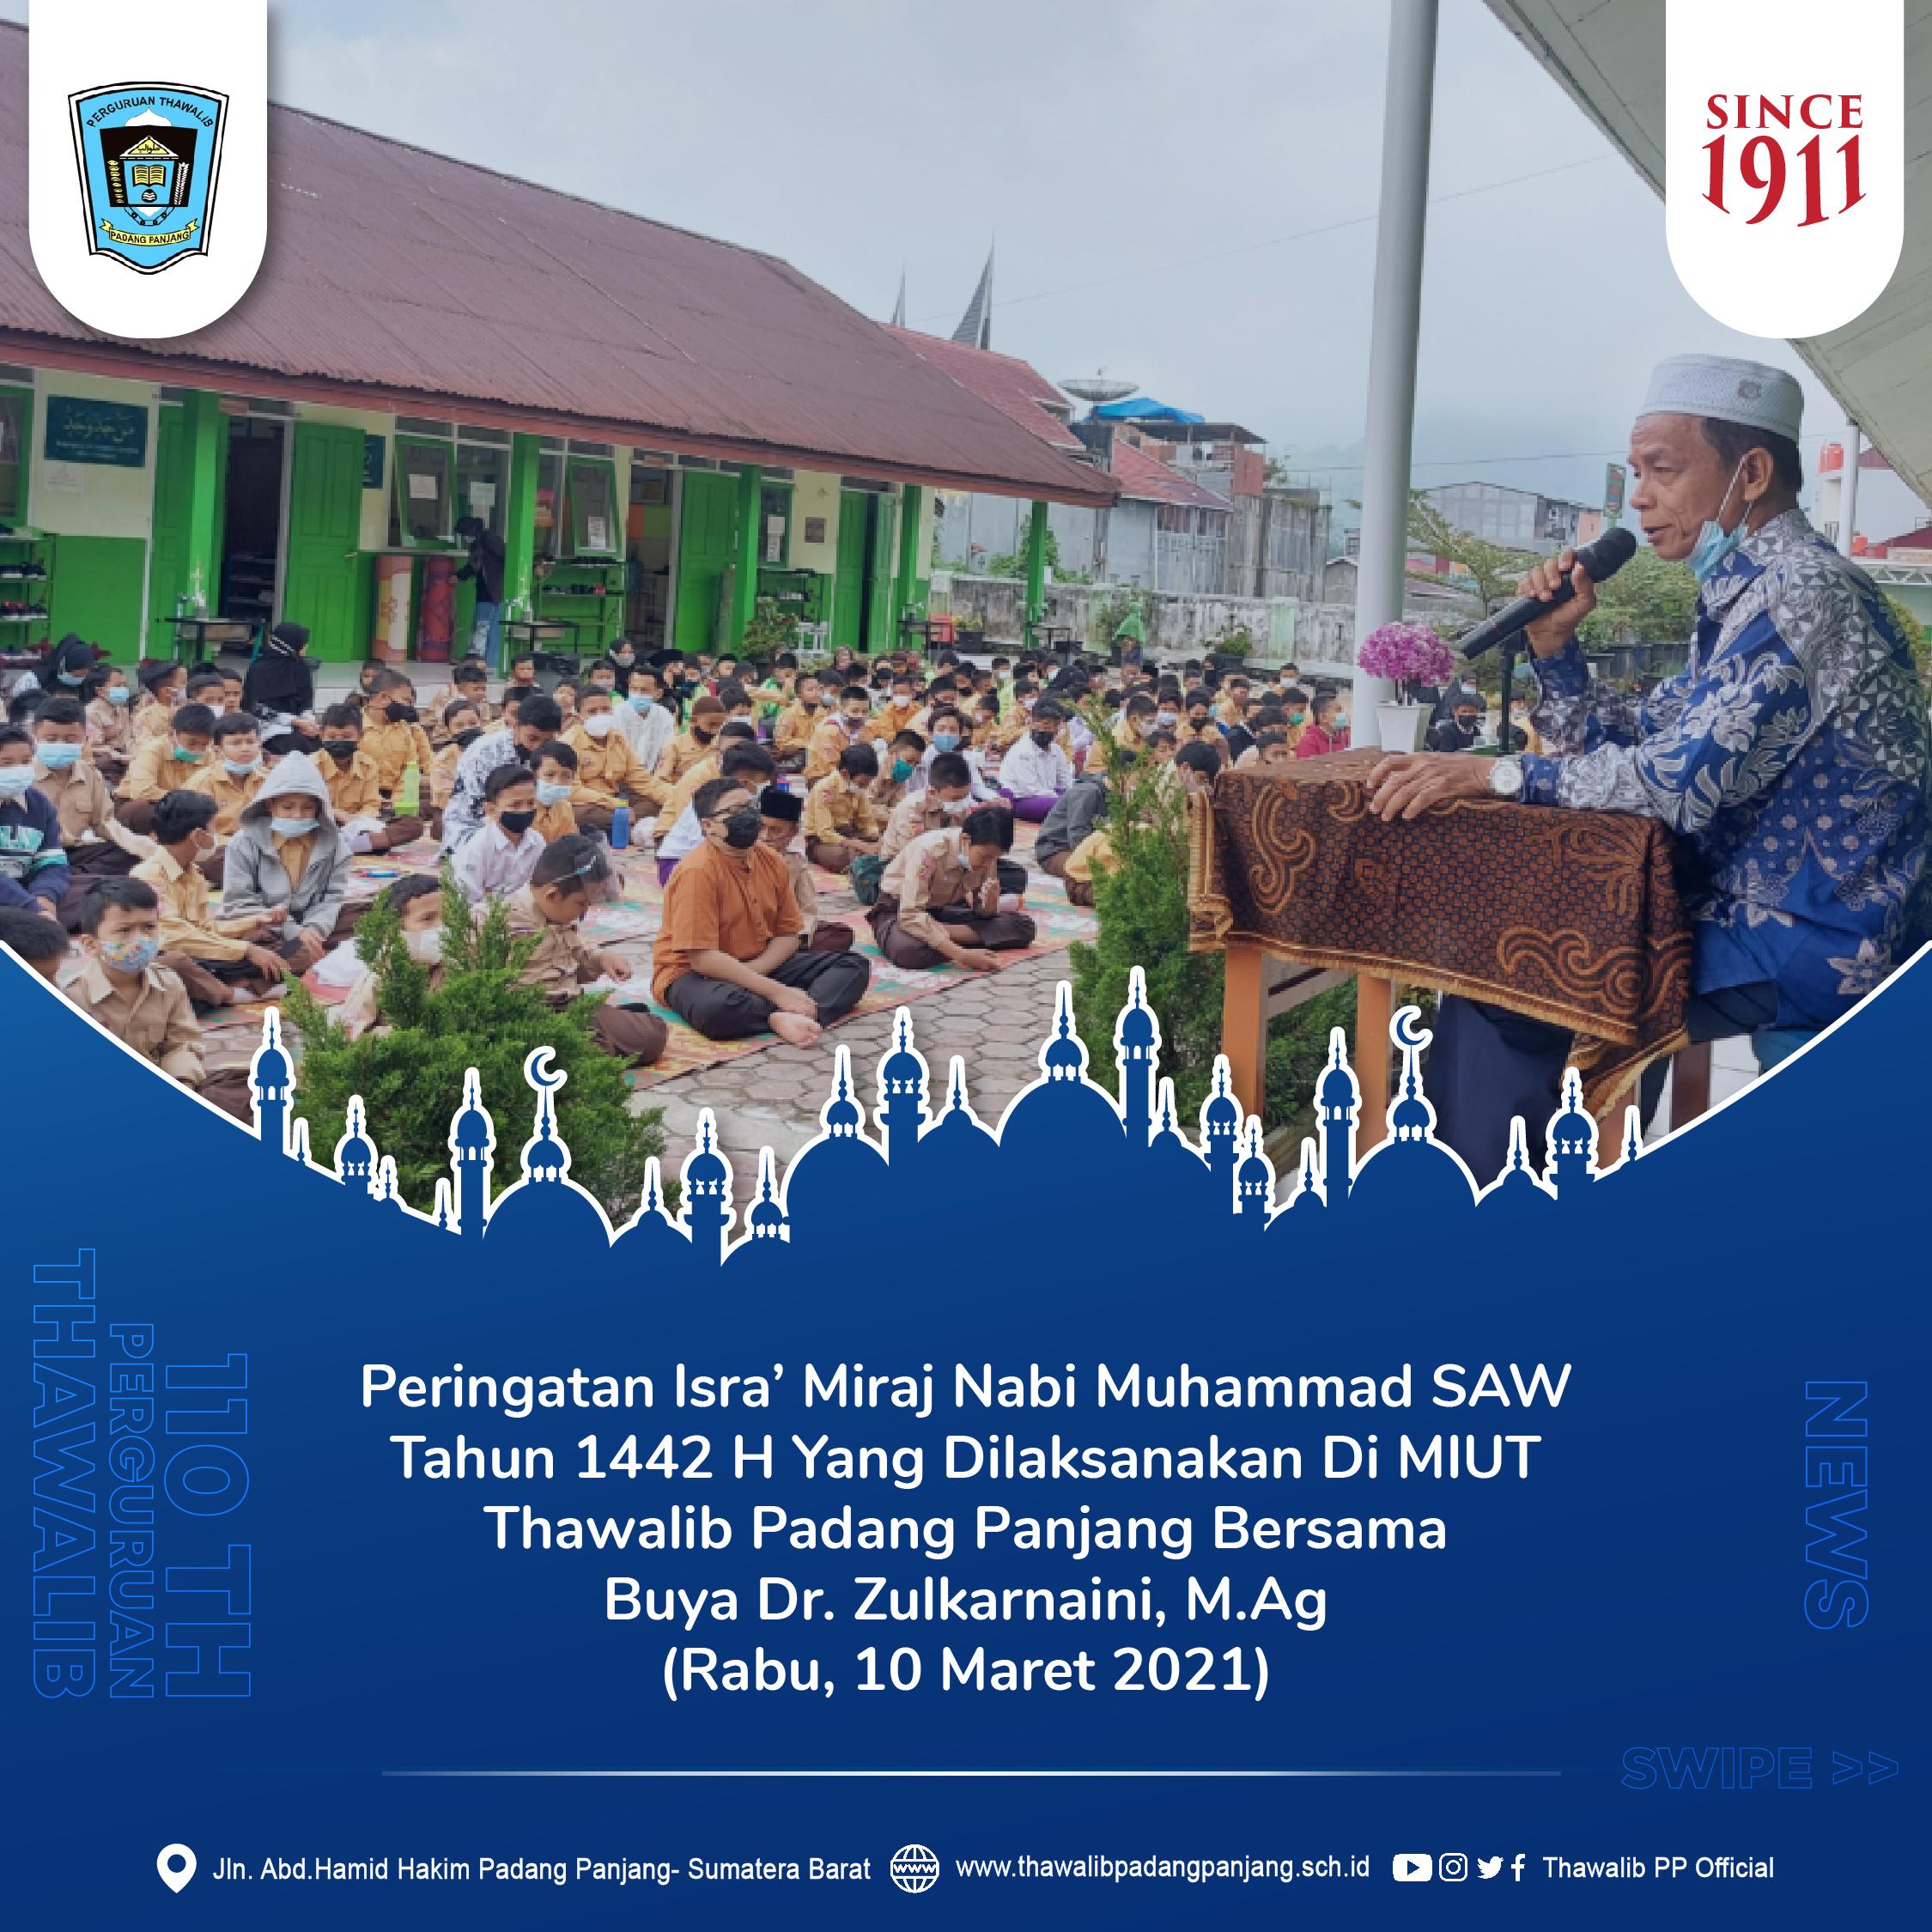 Peringatan Isra' Miraj Nabi Muhammad SAW Tahun 1442 H Yang Dilaksanakan Di MIUT Thawalib Padang Panjang Bersama Buya Dr. Zulkarnaini, M.Ag (Rabu, 10 Maret 2021)